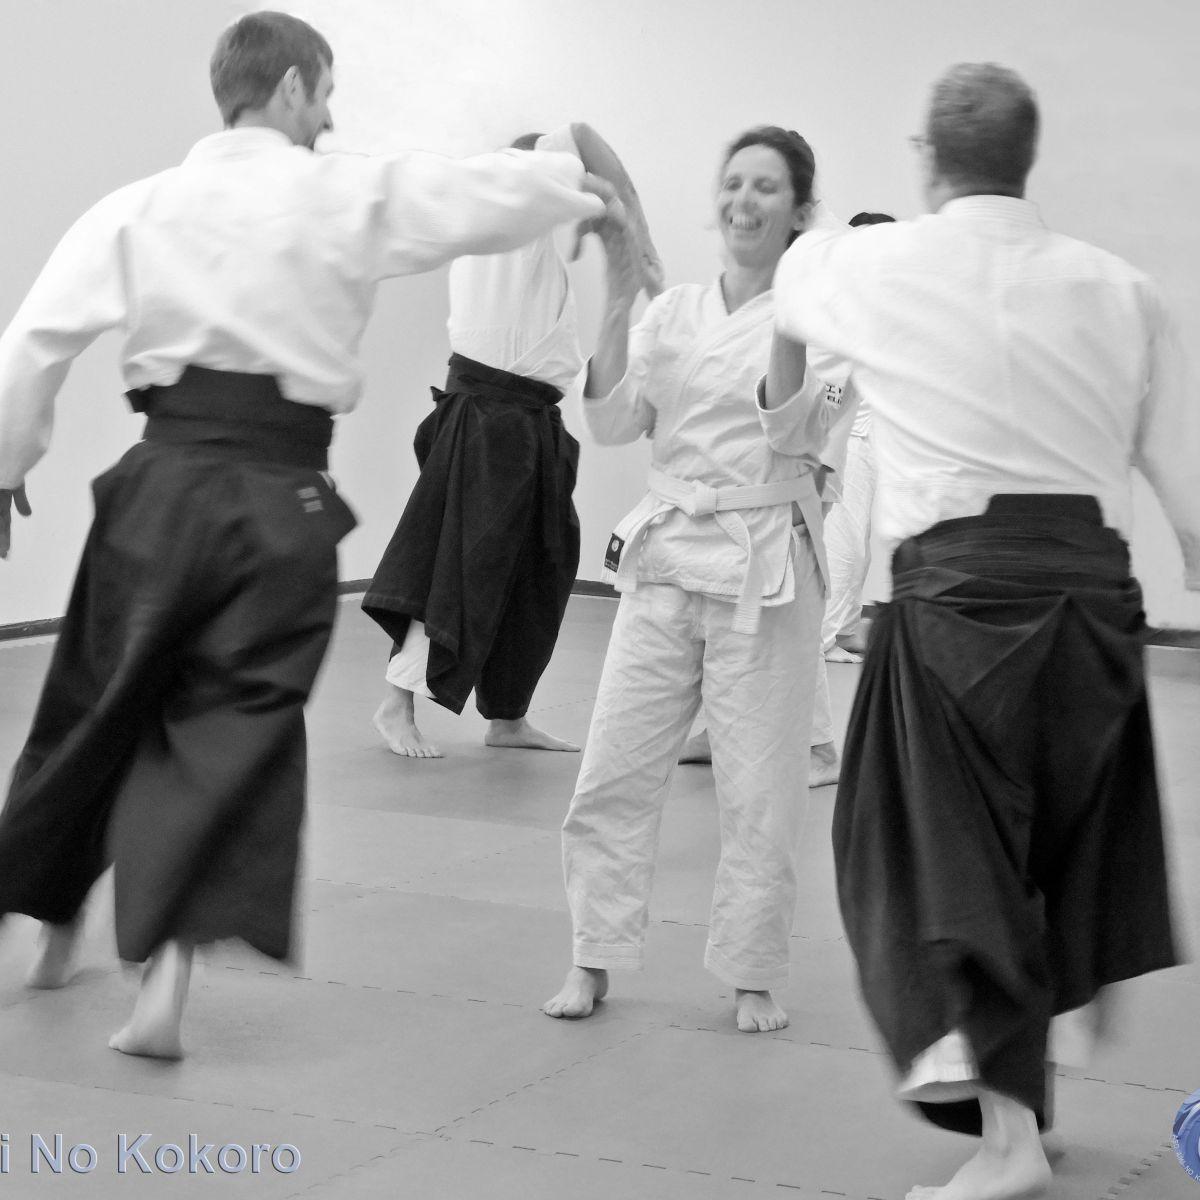 praticare Aikido con gioia - Aiki No Kokoro scuola di Aikido